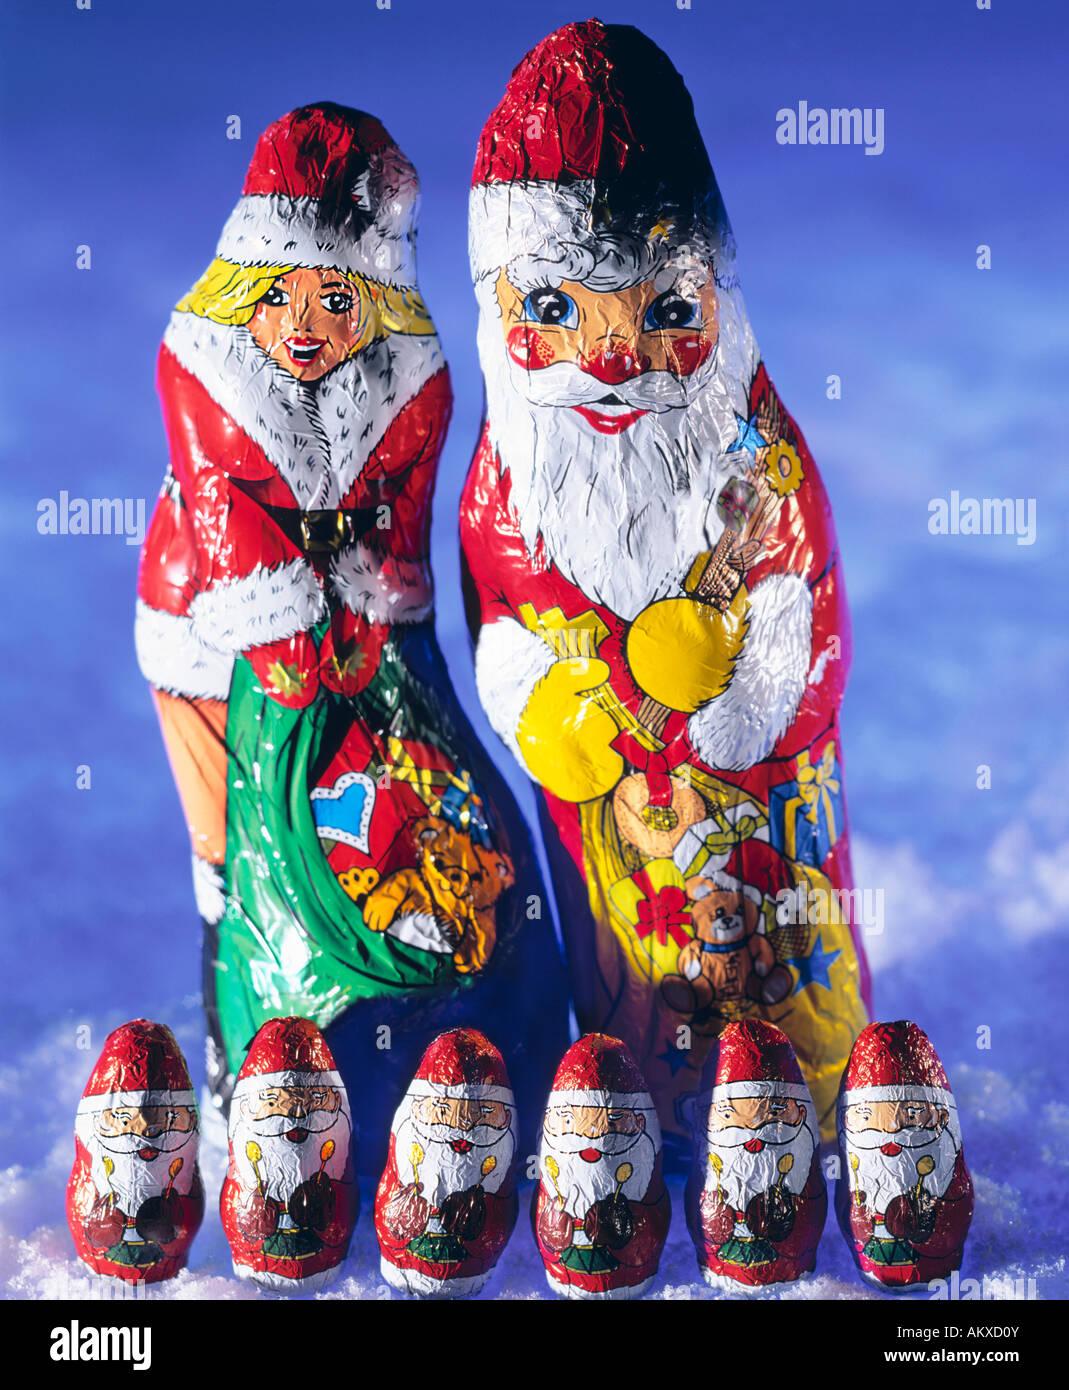 Chocolate Santa Claus, Santa Claus girl and small Santa Clauses Stock Photo